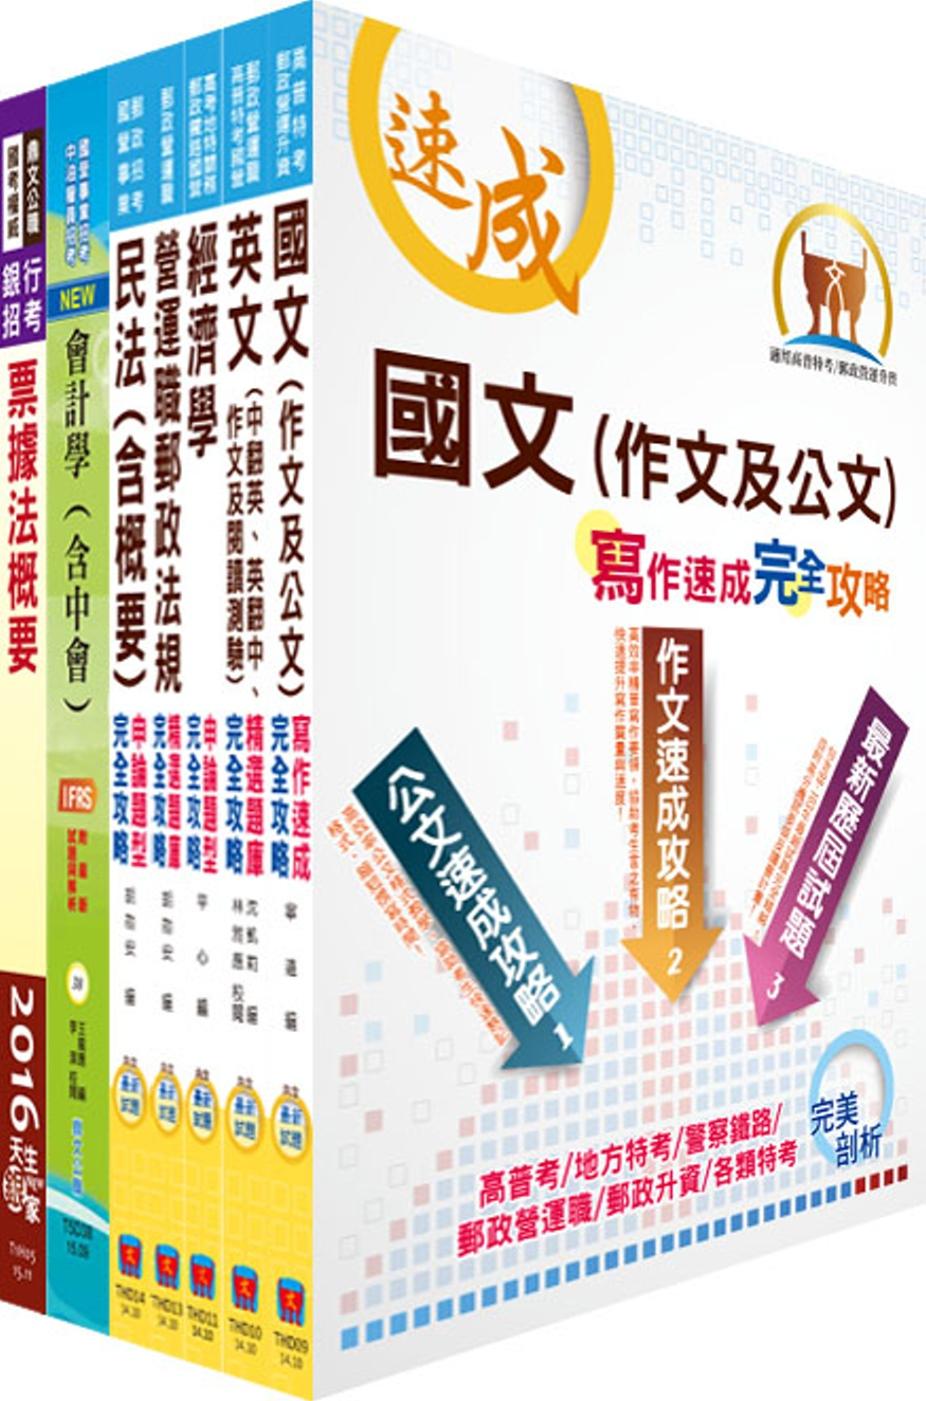 郵政招考營運職(郵儲業務丙組)完全攻略套書(贈題庫網帳號、雲端課程)